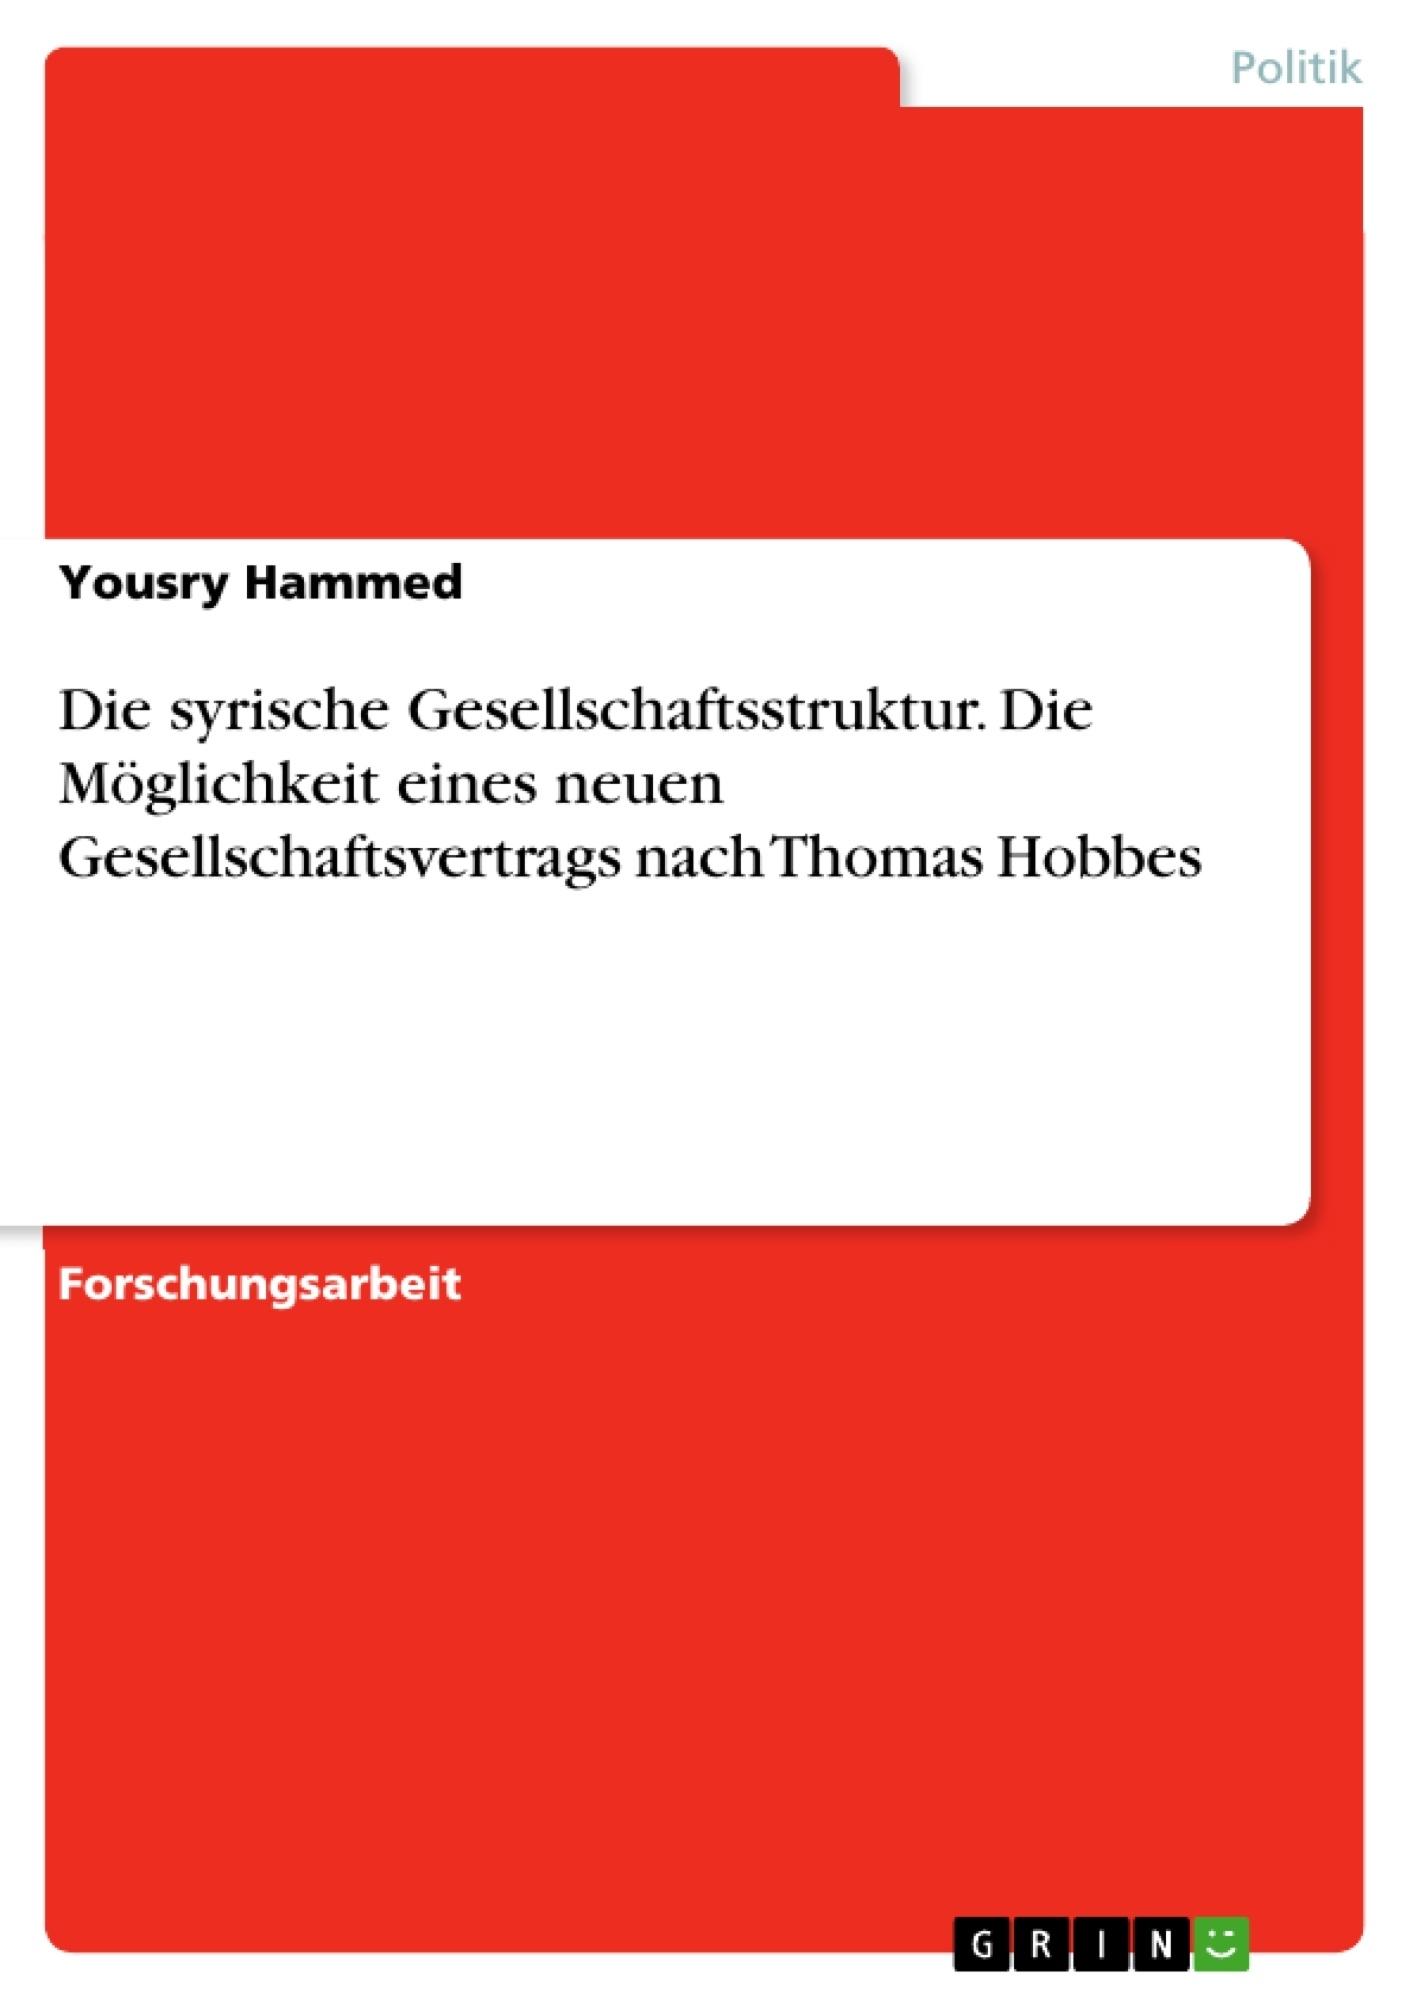 Titel: Die syrische Gesellschaftsstruktur. Die Möglichkeit eines neuen Gesellschaftsvertrags nach Thomas Hobbes